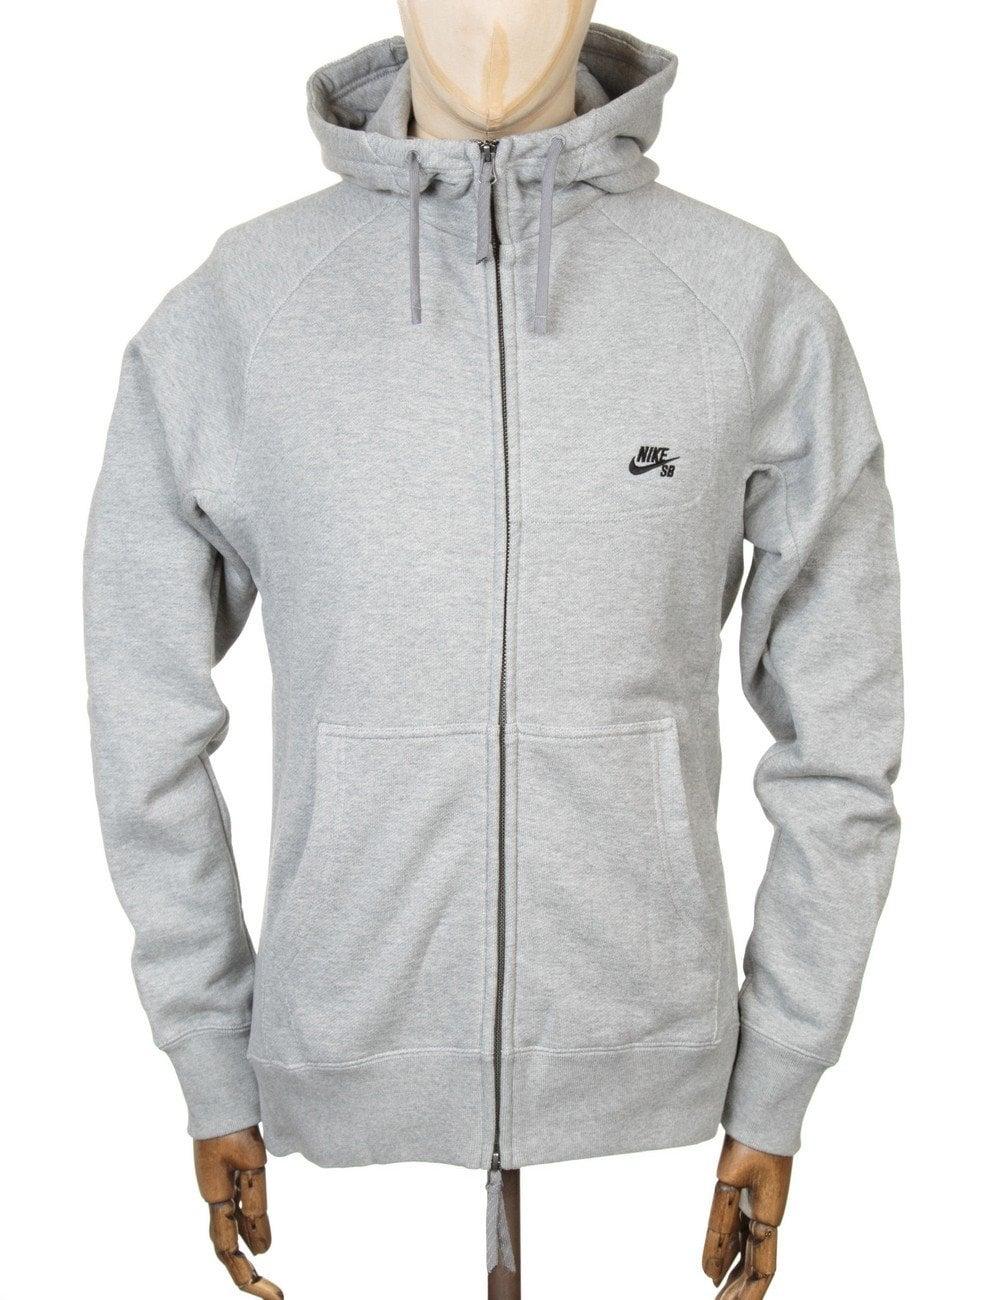 Nike SB Everett Graphic Zip Hoodie